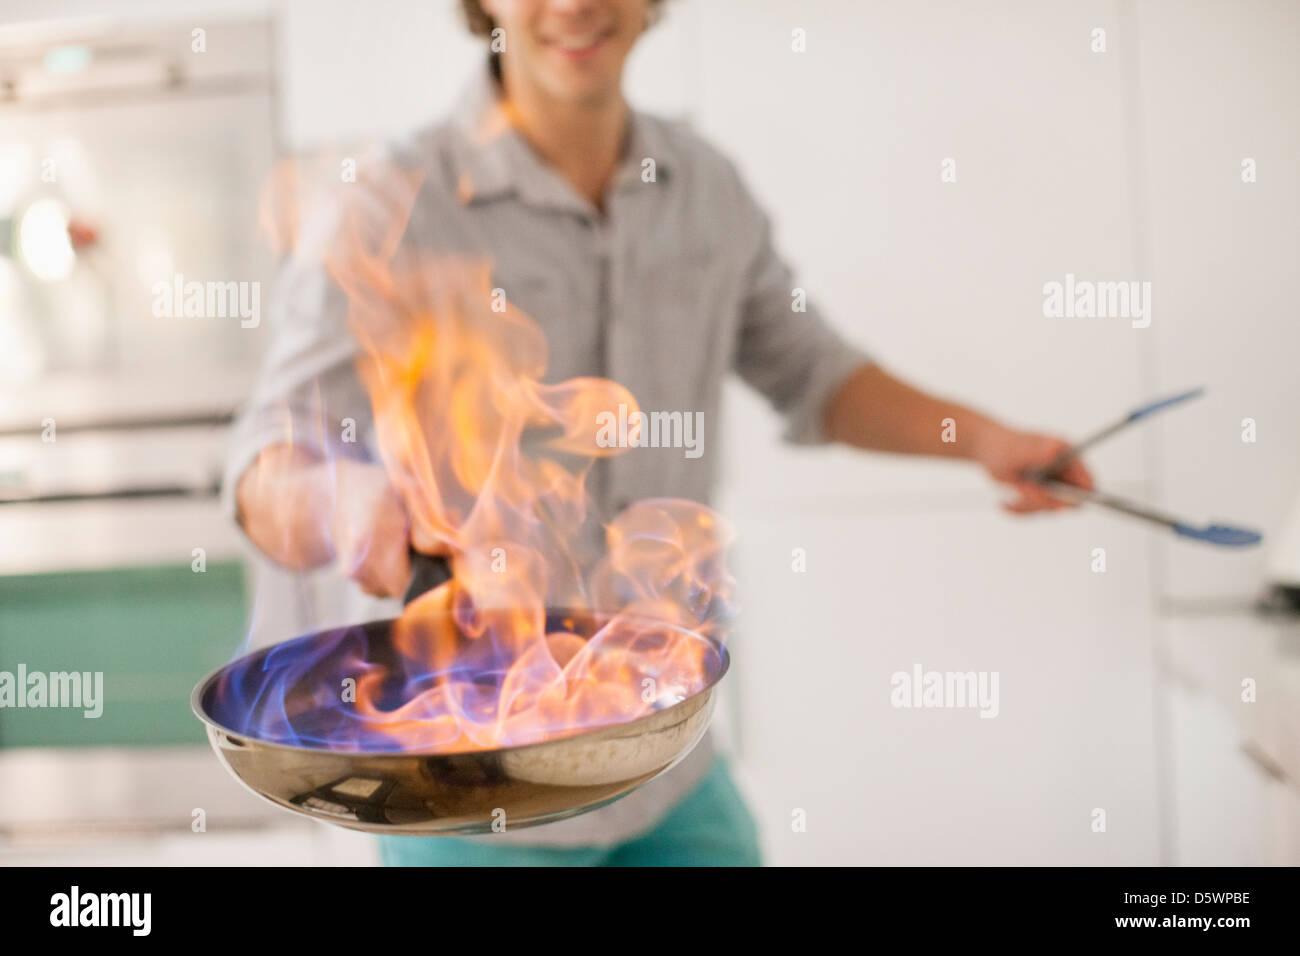 Mann, Kochen mit Feuer in Küche Stockbild